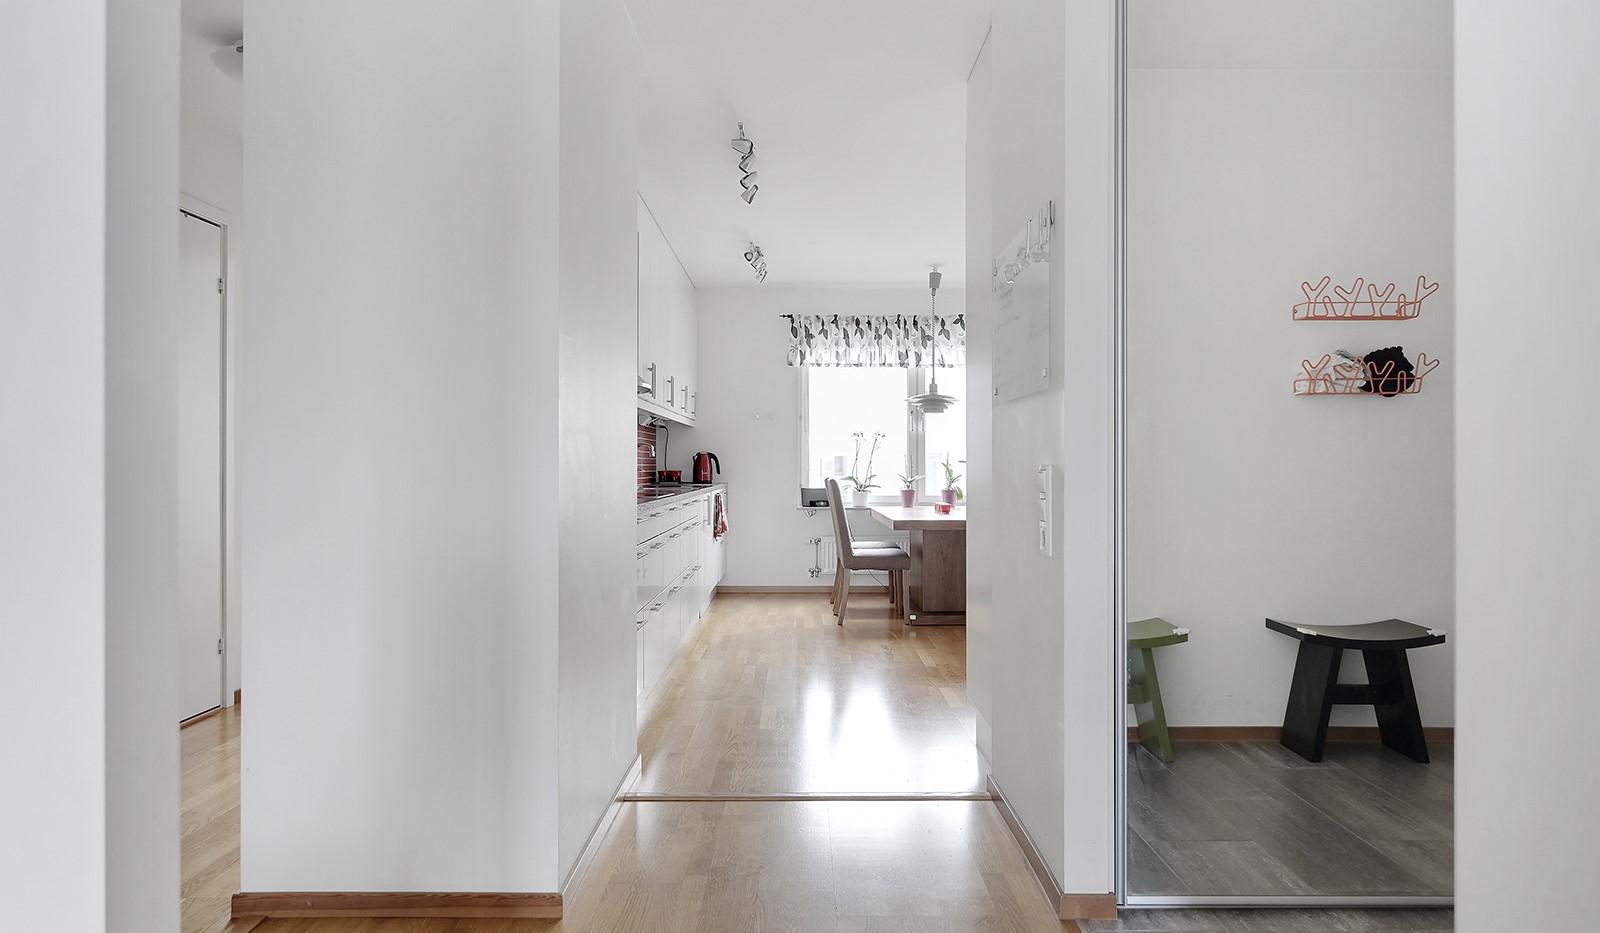 Marieviksgatan 40, 7 tr - Vy mot köket och hallen.